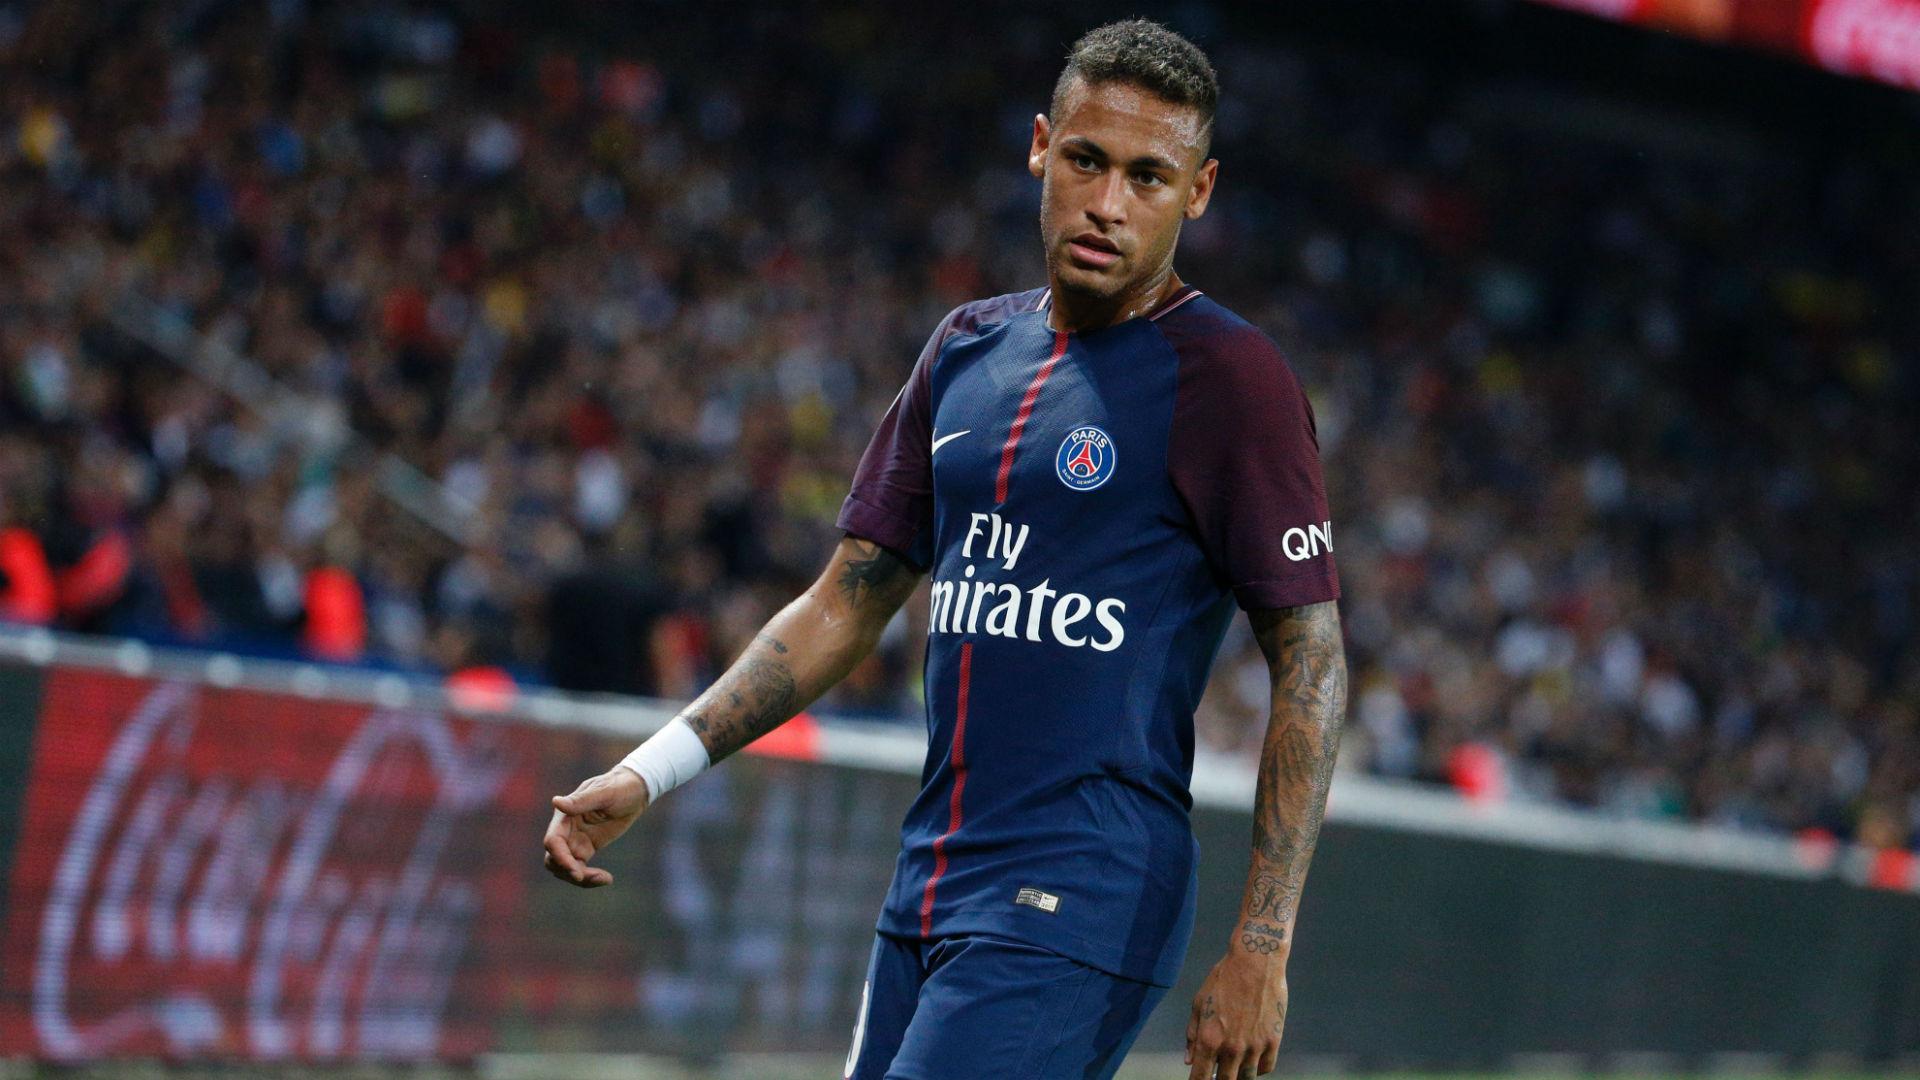 Ligue 1 - L'Equipe souligne les très belles statistiques de Neymar sur ce début de saison